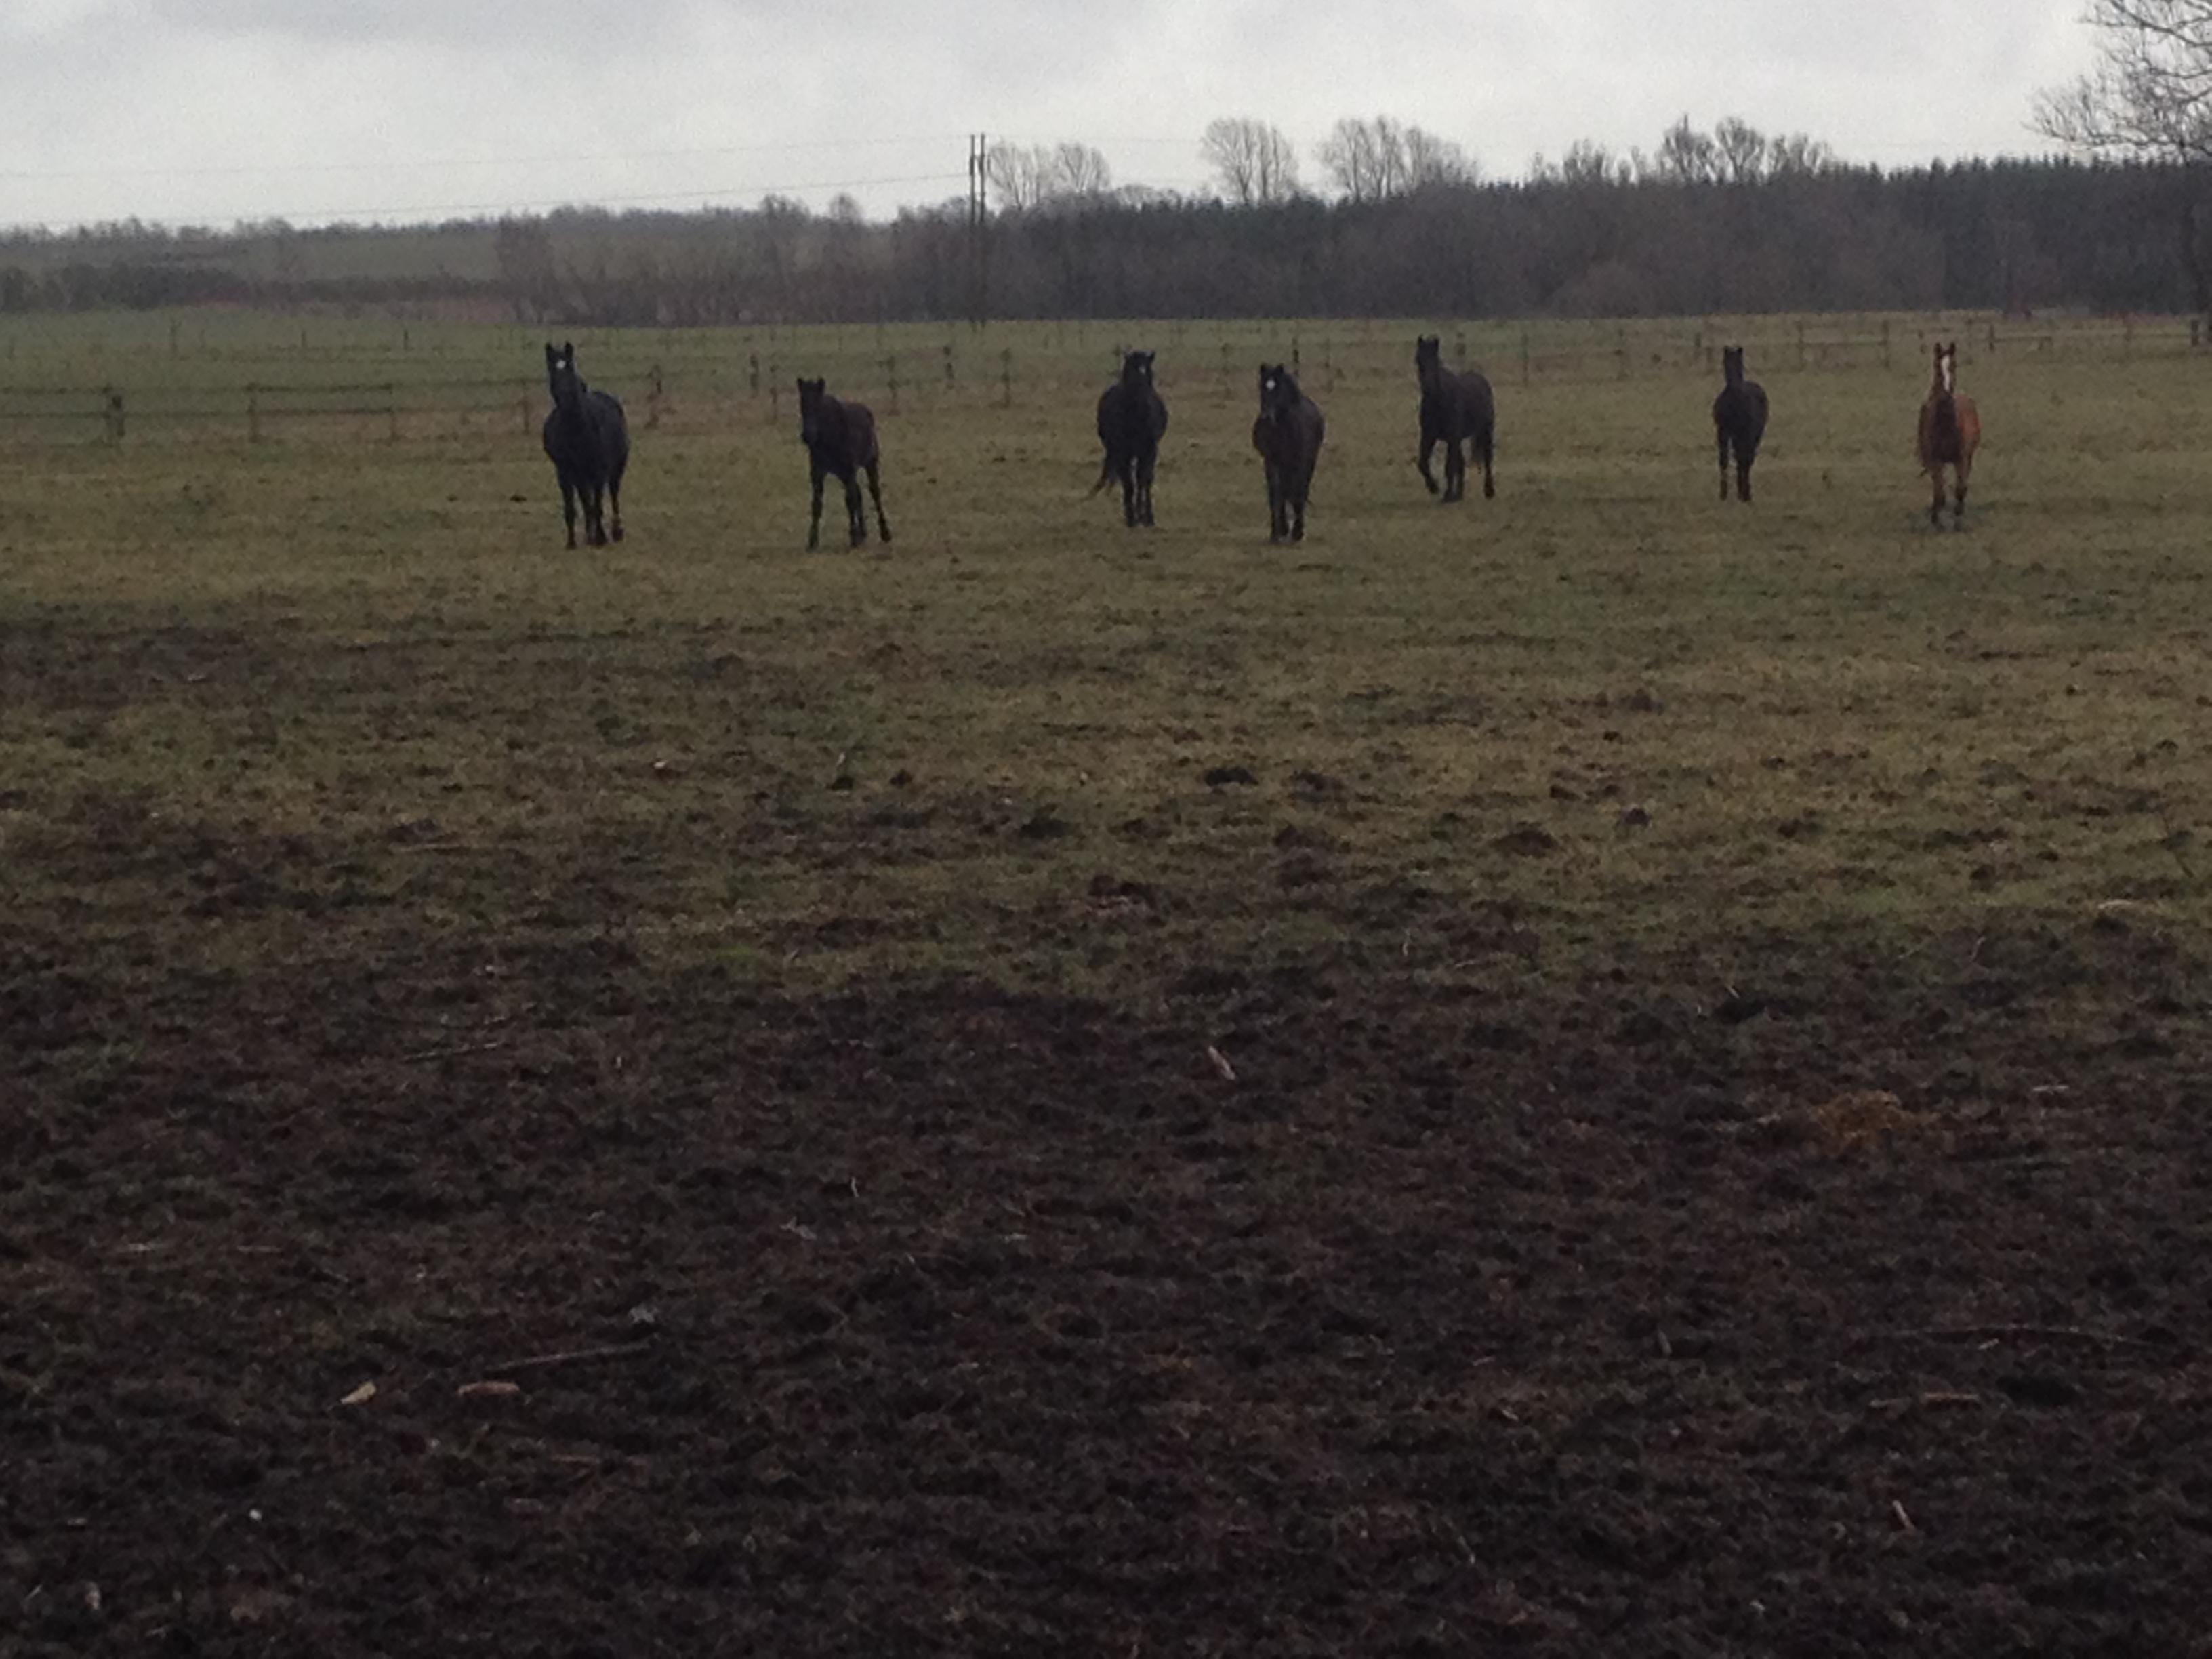 Februar 2016.  Hestene på græs på engen. Det er en typisk grå februar dag - men et fløjt og så kommer de i fuld galop til hegnet. Dejligt at nusse og tale over hegnet.